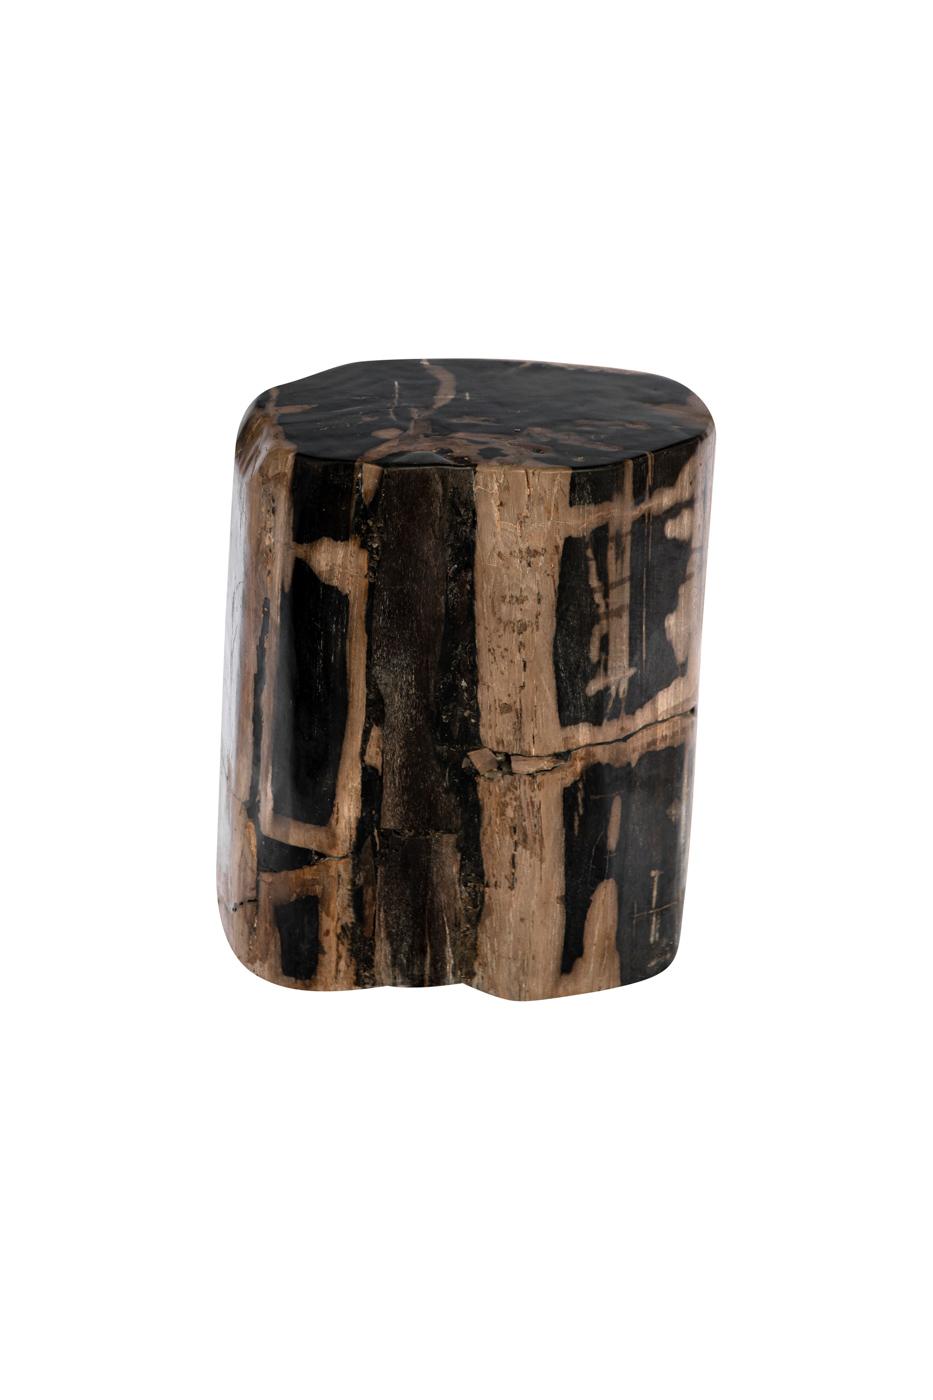 Black-natural fossilized wood log